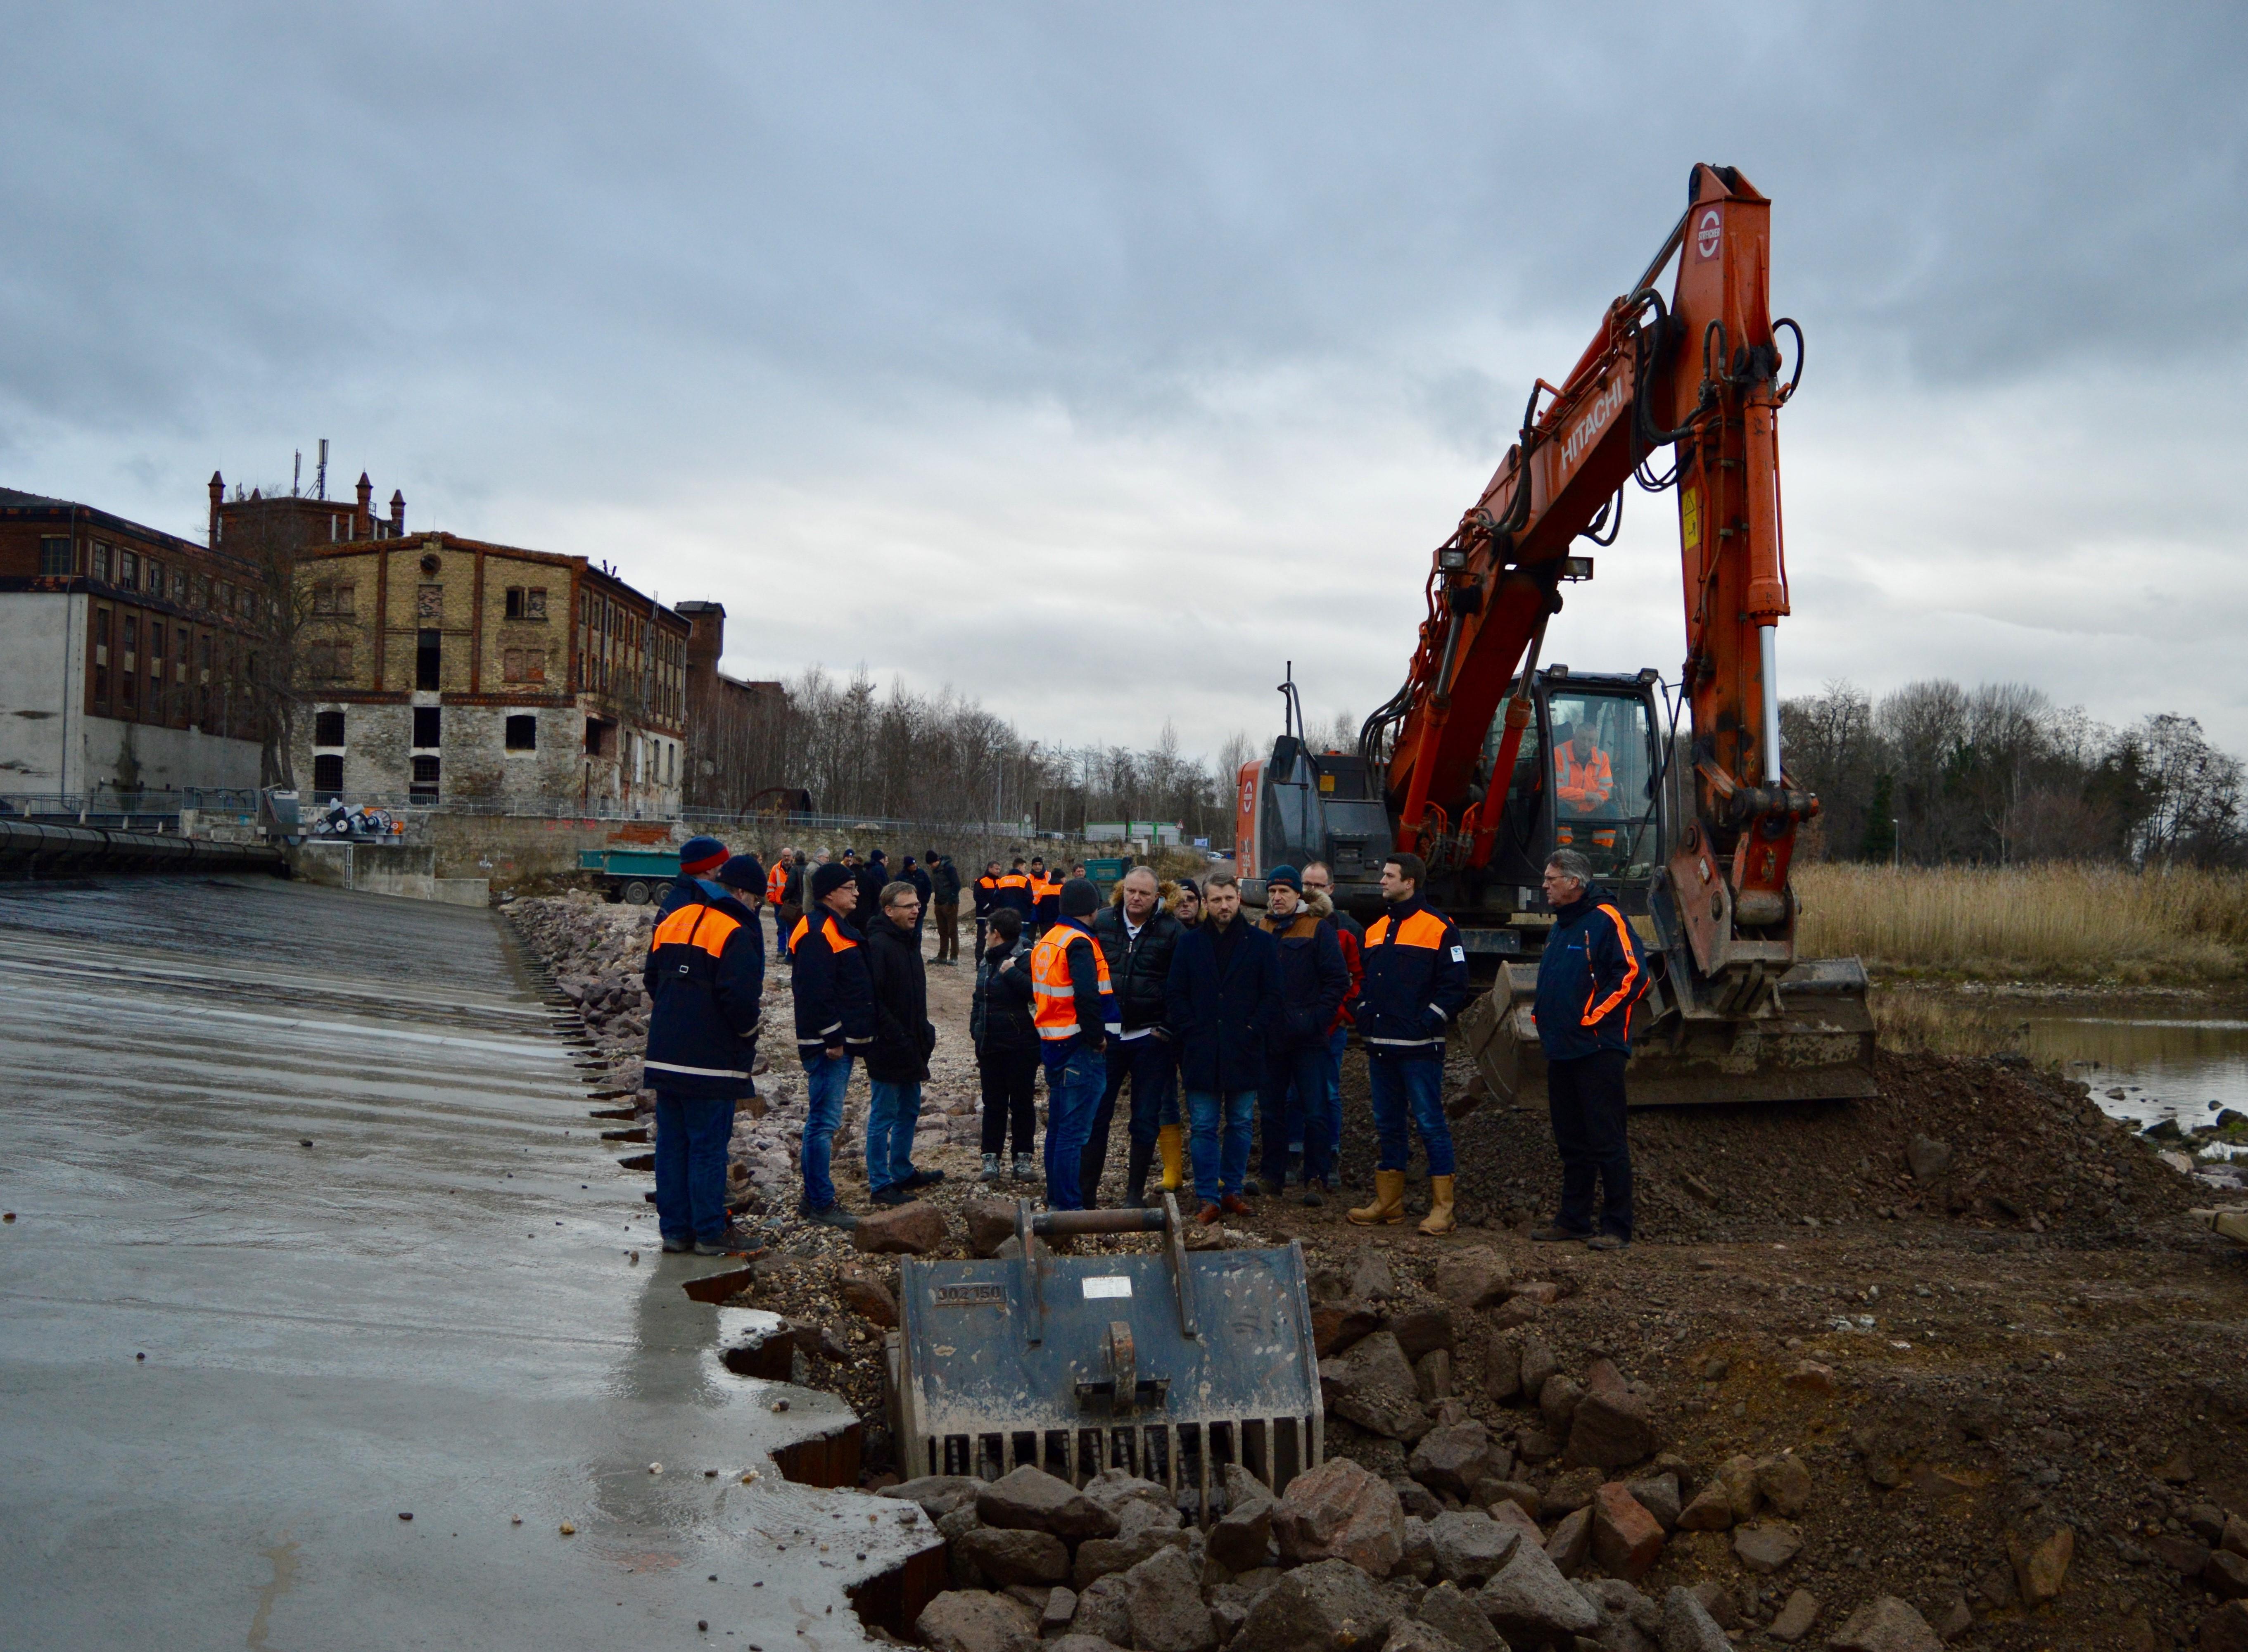 Vertreter aller beteiligten Behörden sowie der bauausführenden Unternehmen wurden unter fachlicher Führung über die kurz vor der Fertigstellung stehende Baustelle des Saalewehres bei Calbe geführt.